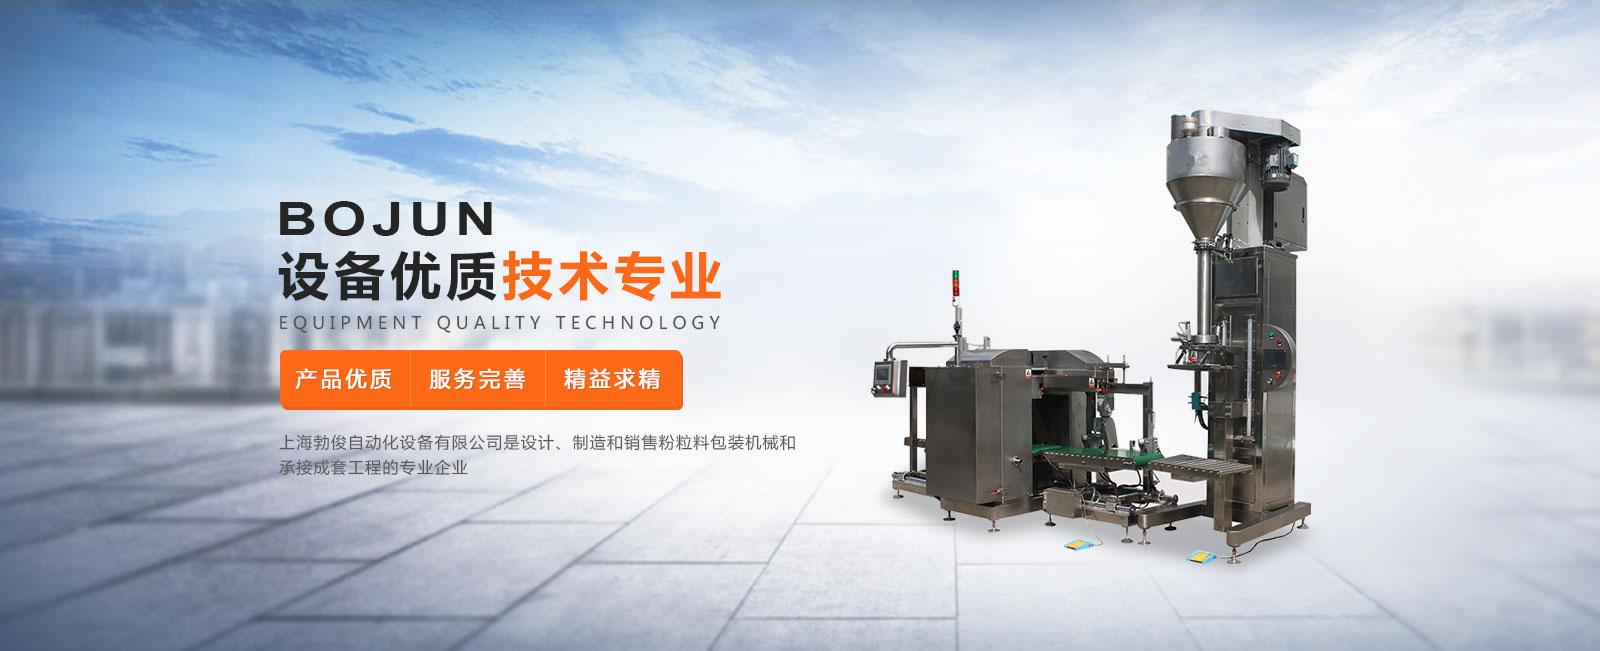 上海包装封口设备